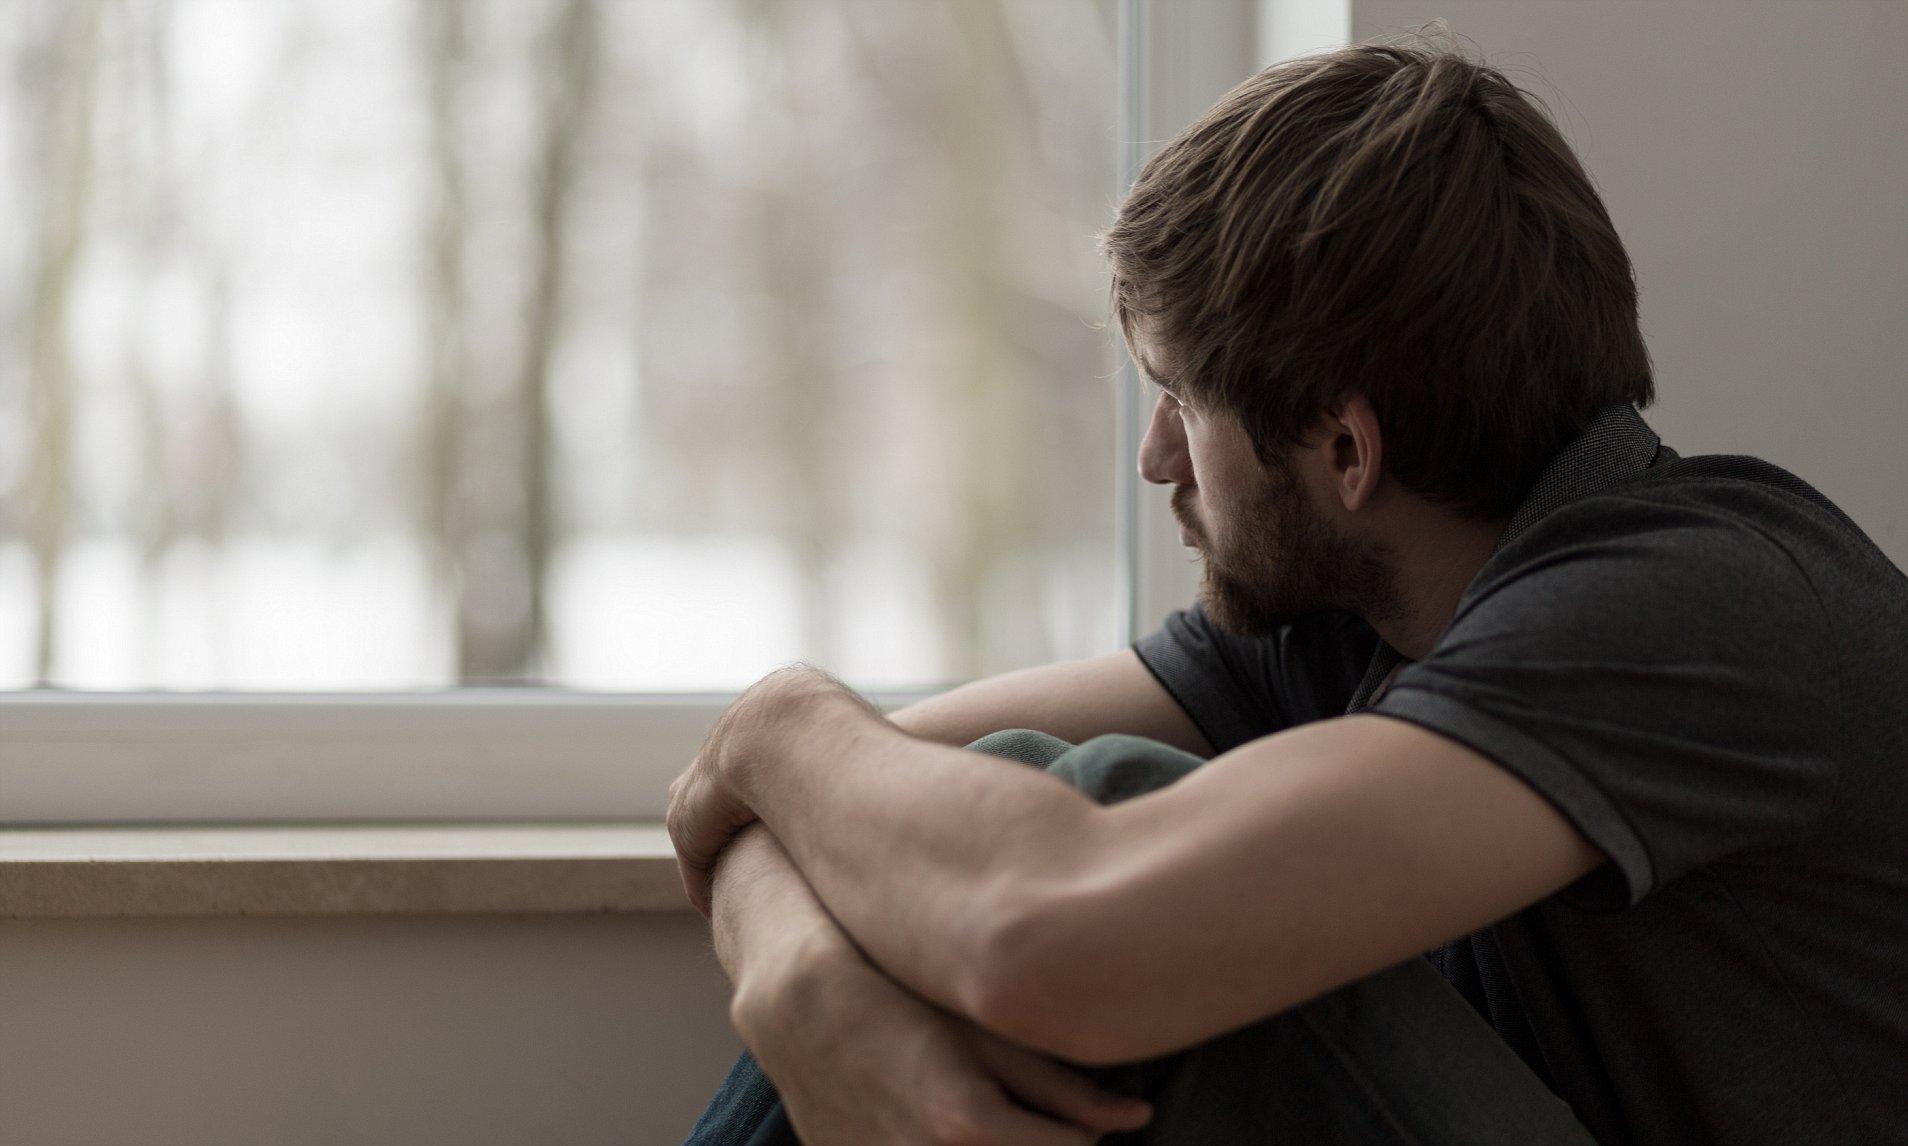 картинки для грустных людей база